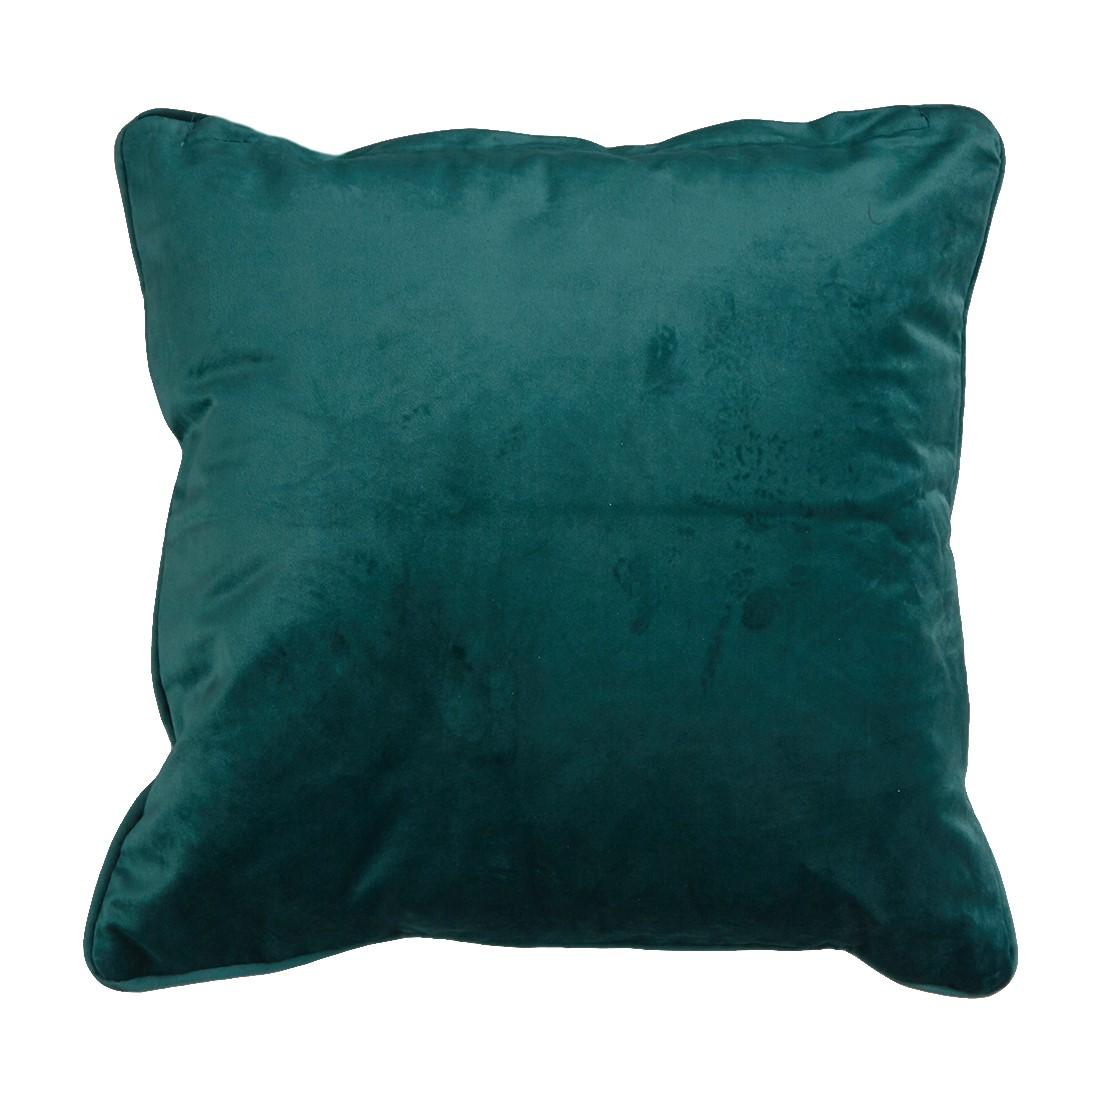 Velour Green Cushion